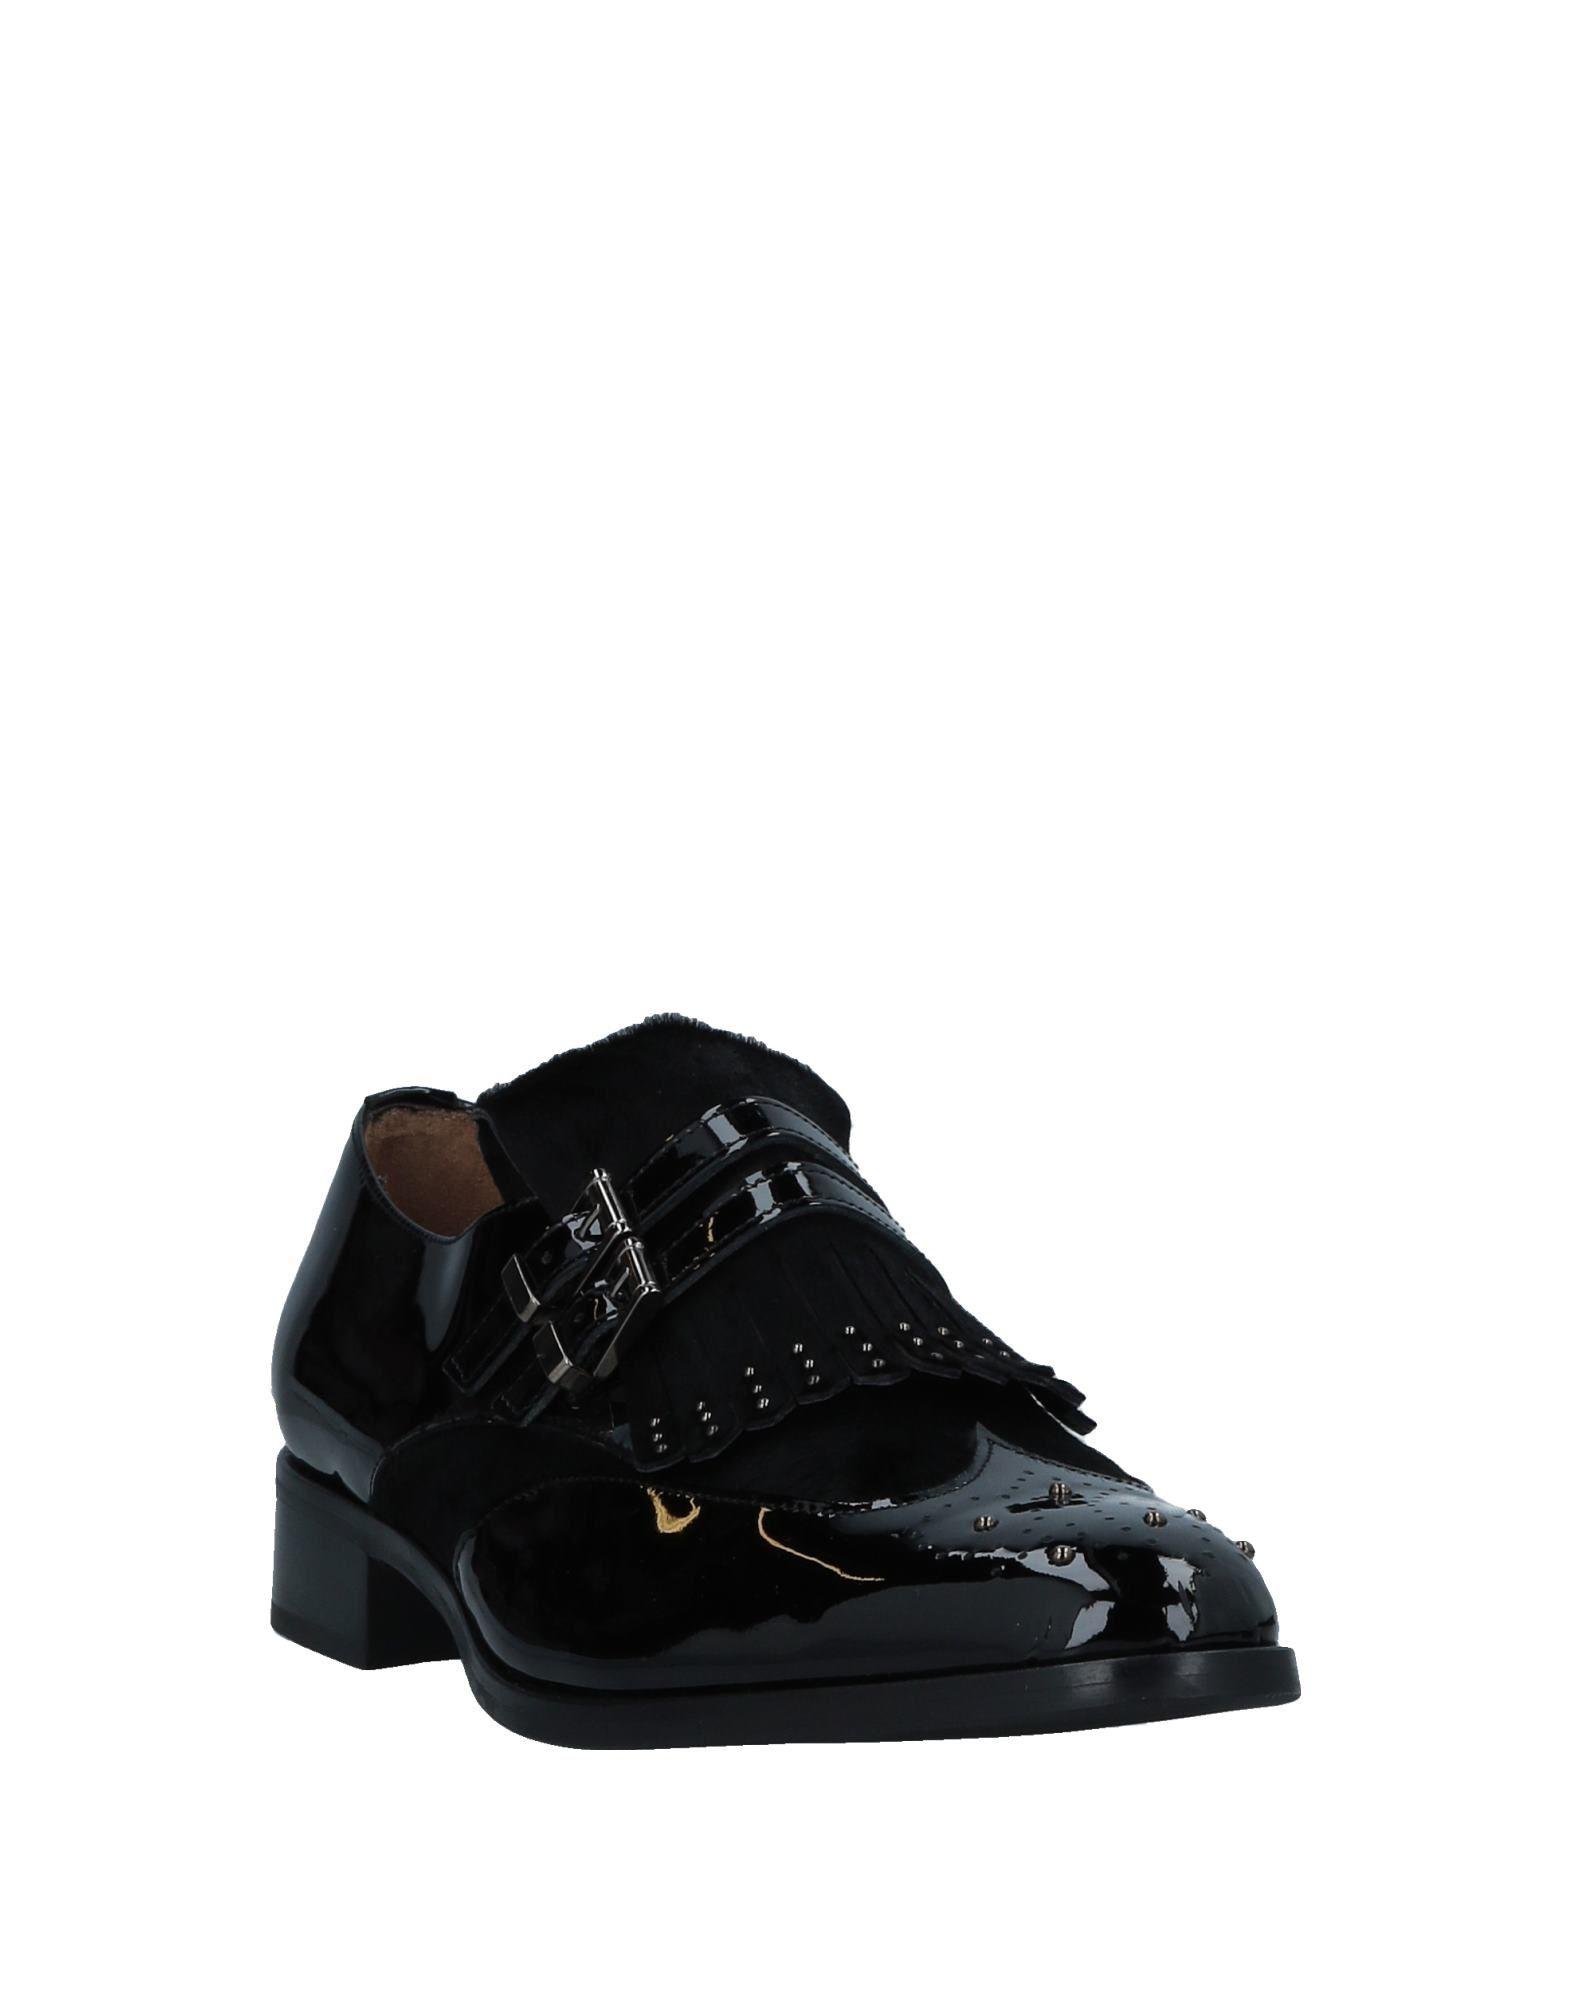 Pertini Mokassins Qualität Damen  11535096LT Gute Qualität Mokassins beliebte Schuhe 22f5c0